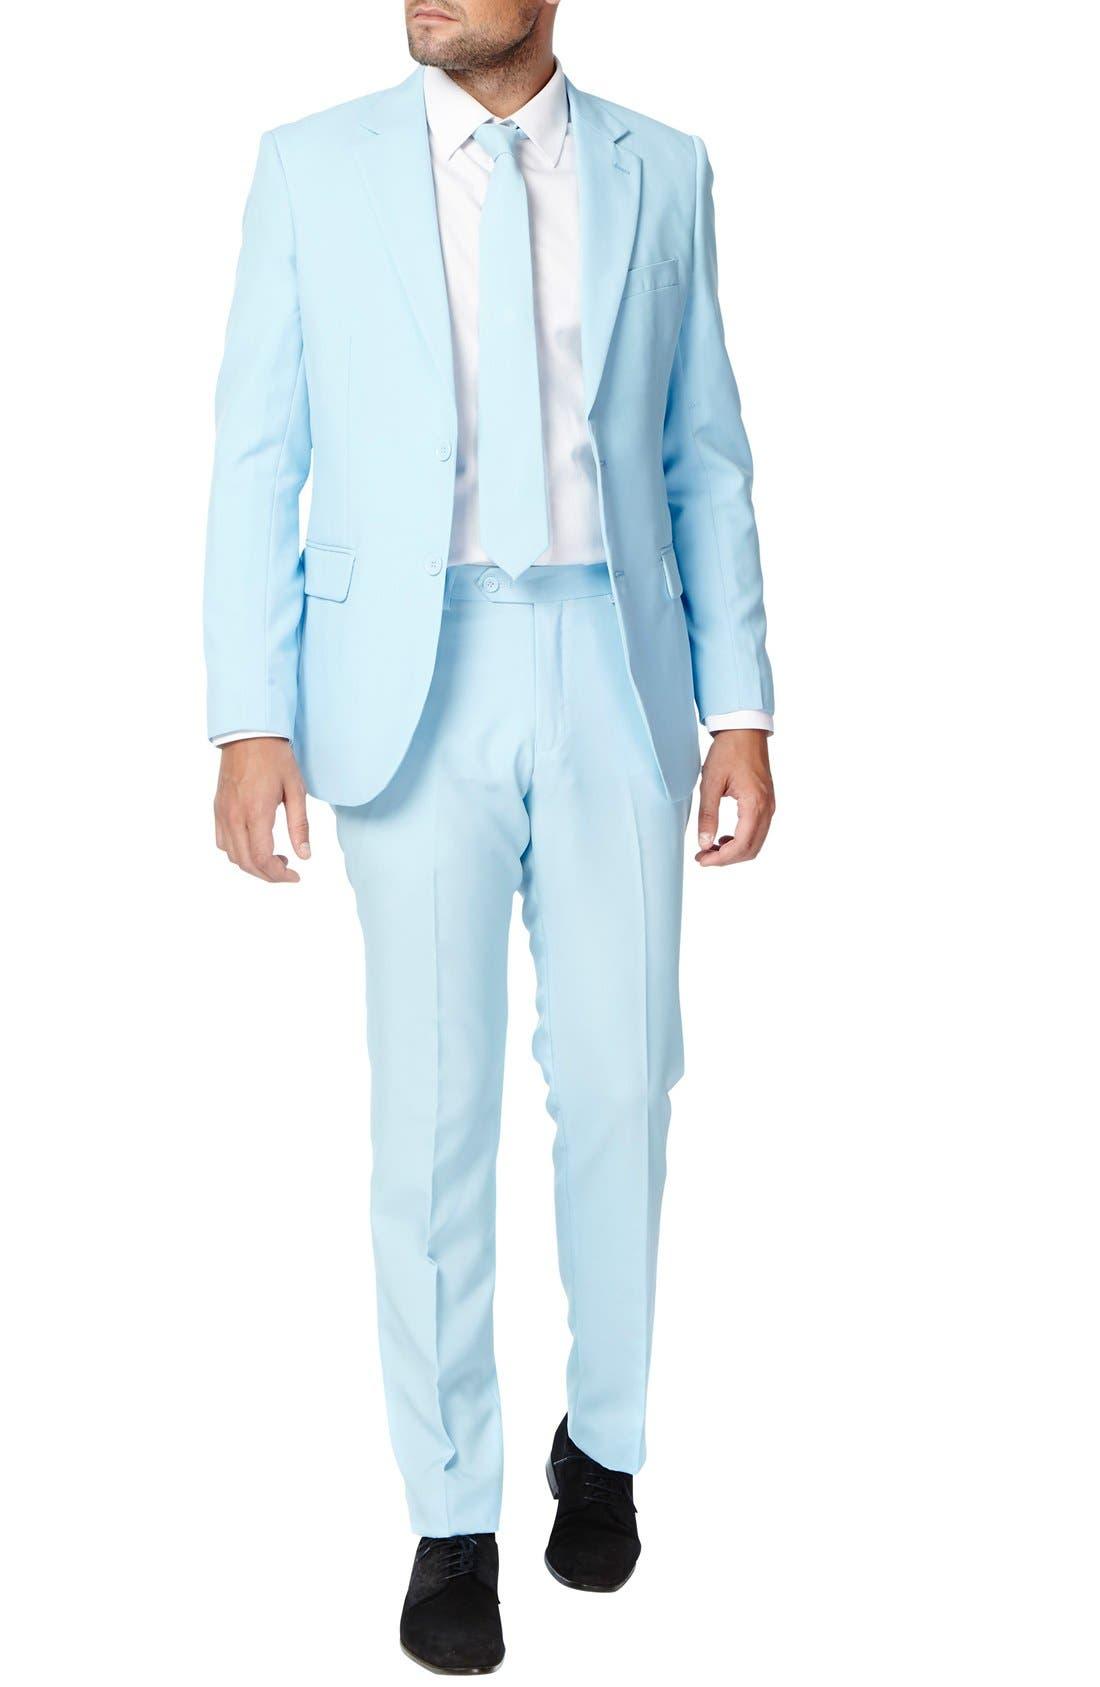 'Cool Blue' Trim Fit Two-Piece Suit with Tie,                         Main,                         color, Blue